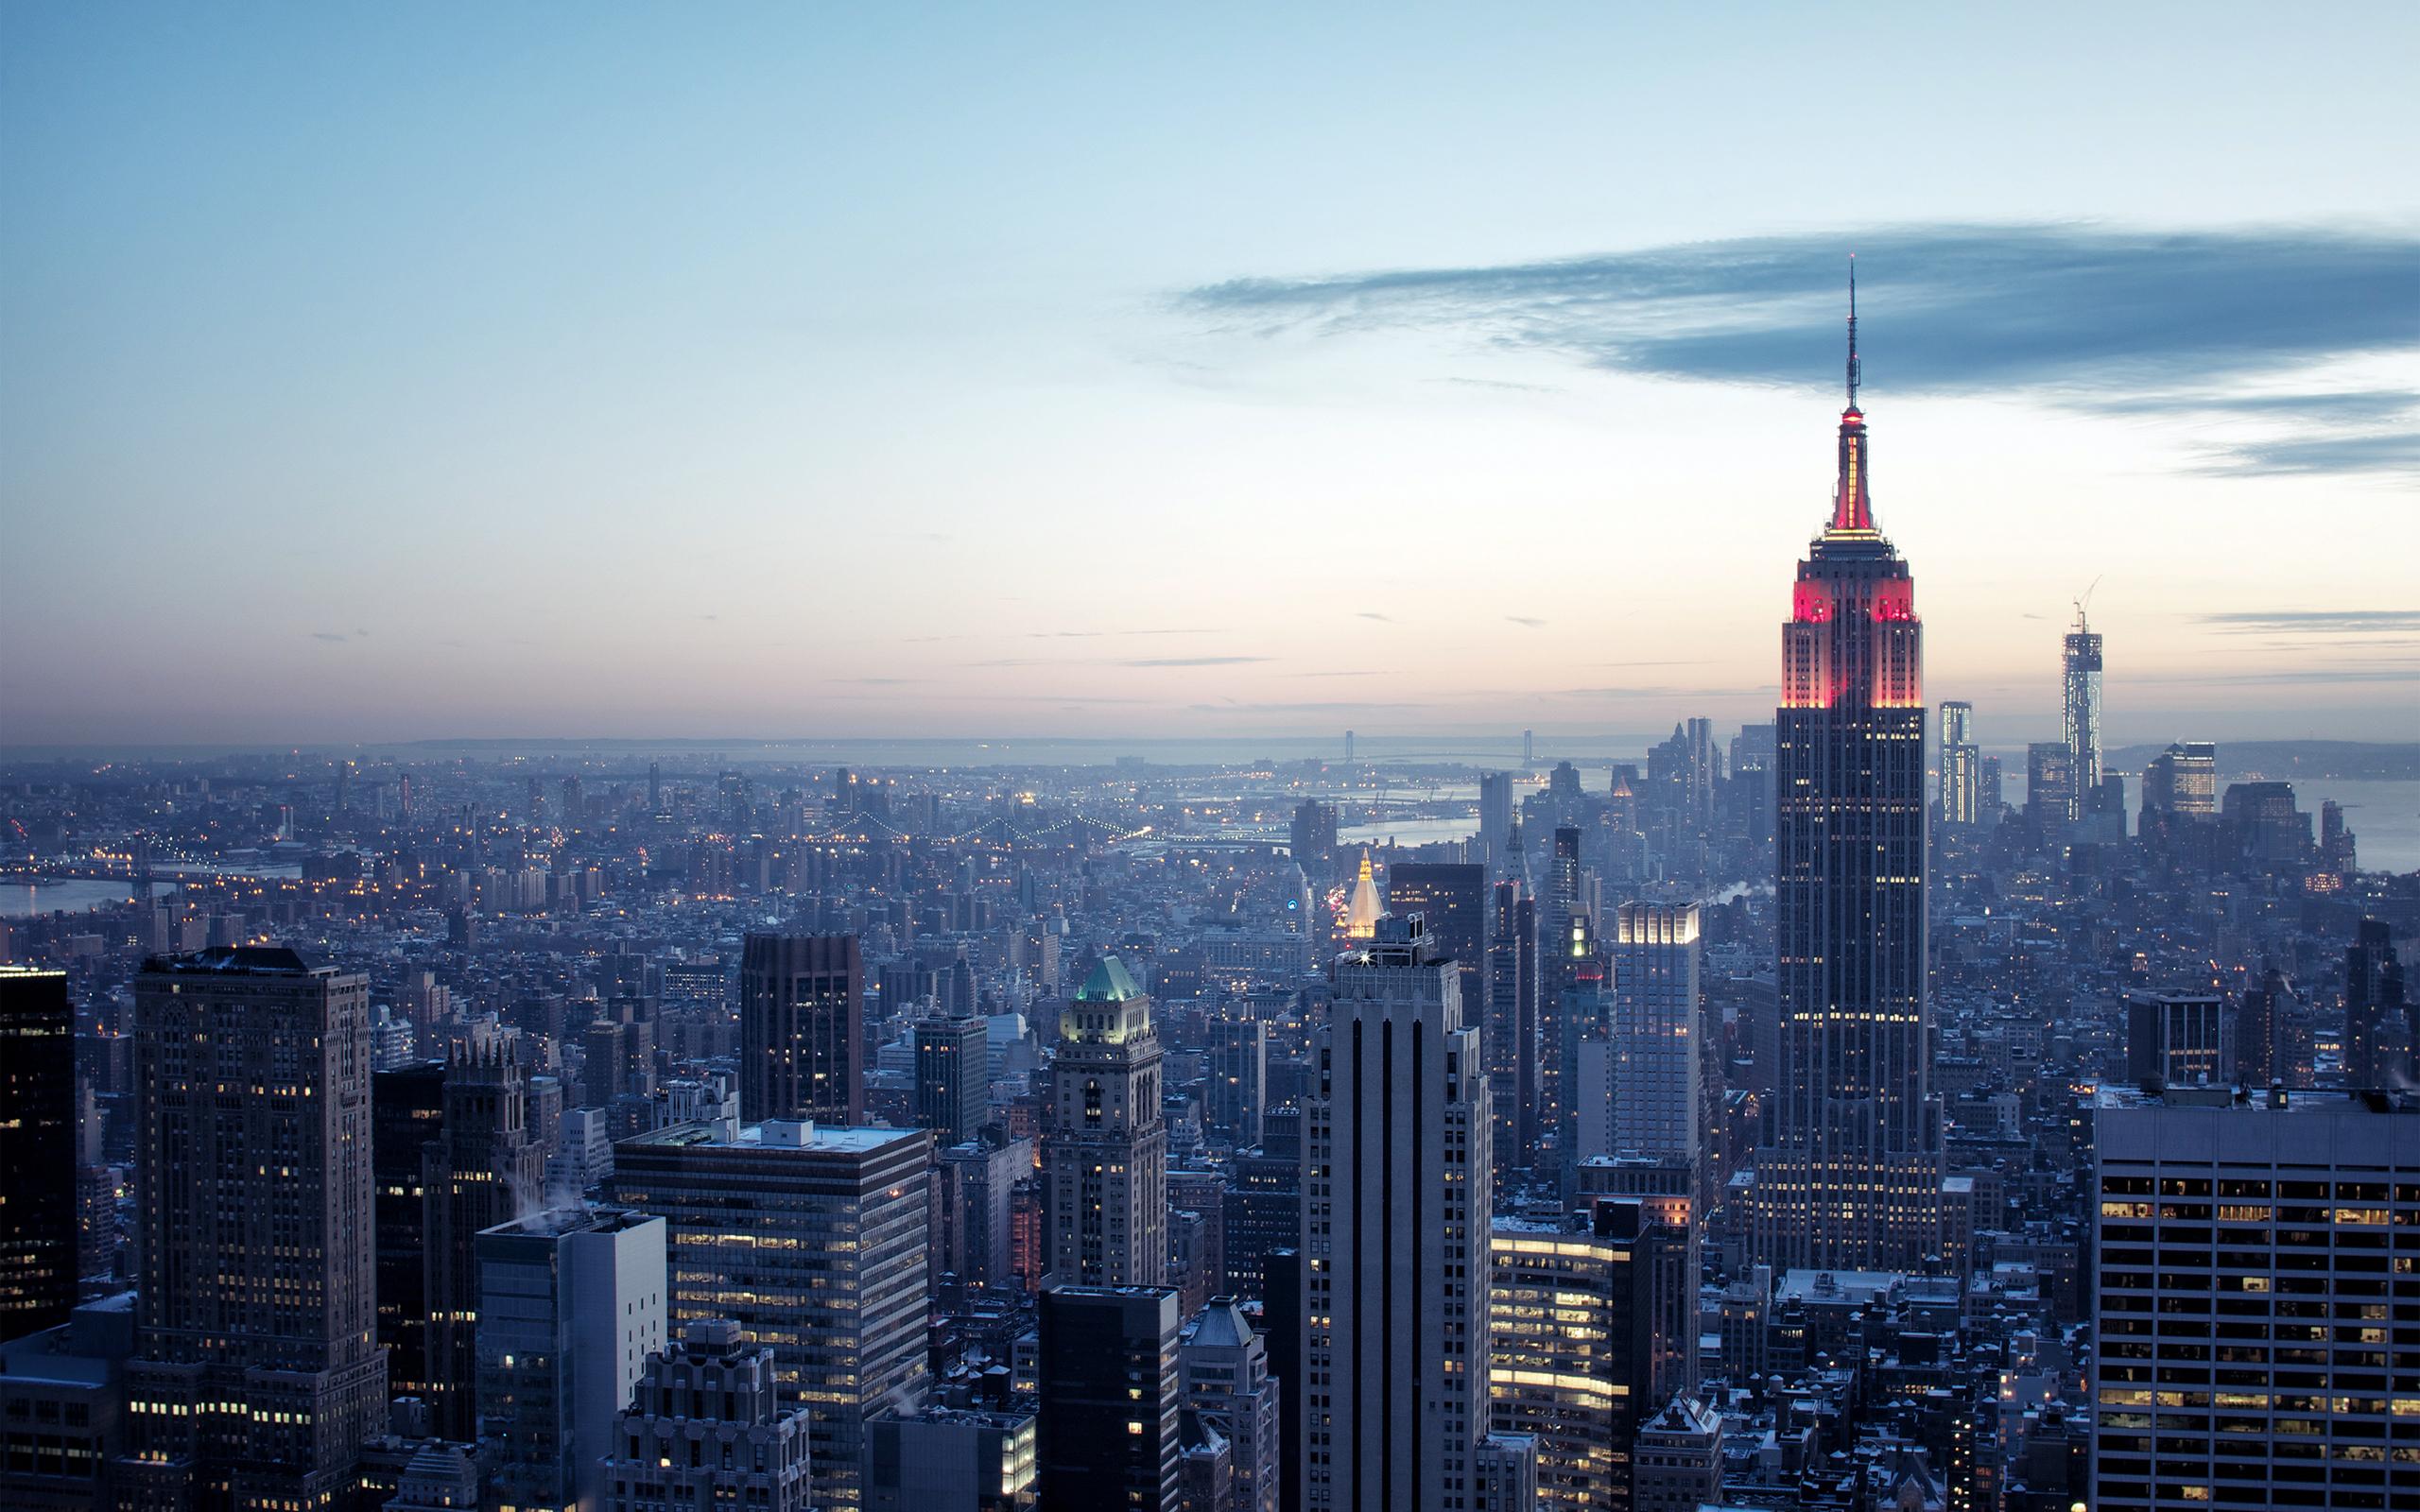 Wallpapers de la ciudad de New York en alta definicin para Mac PC u 2560x1600